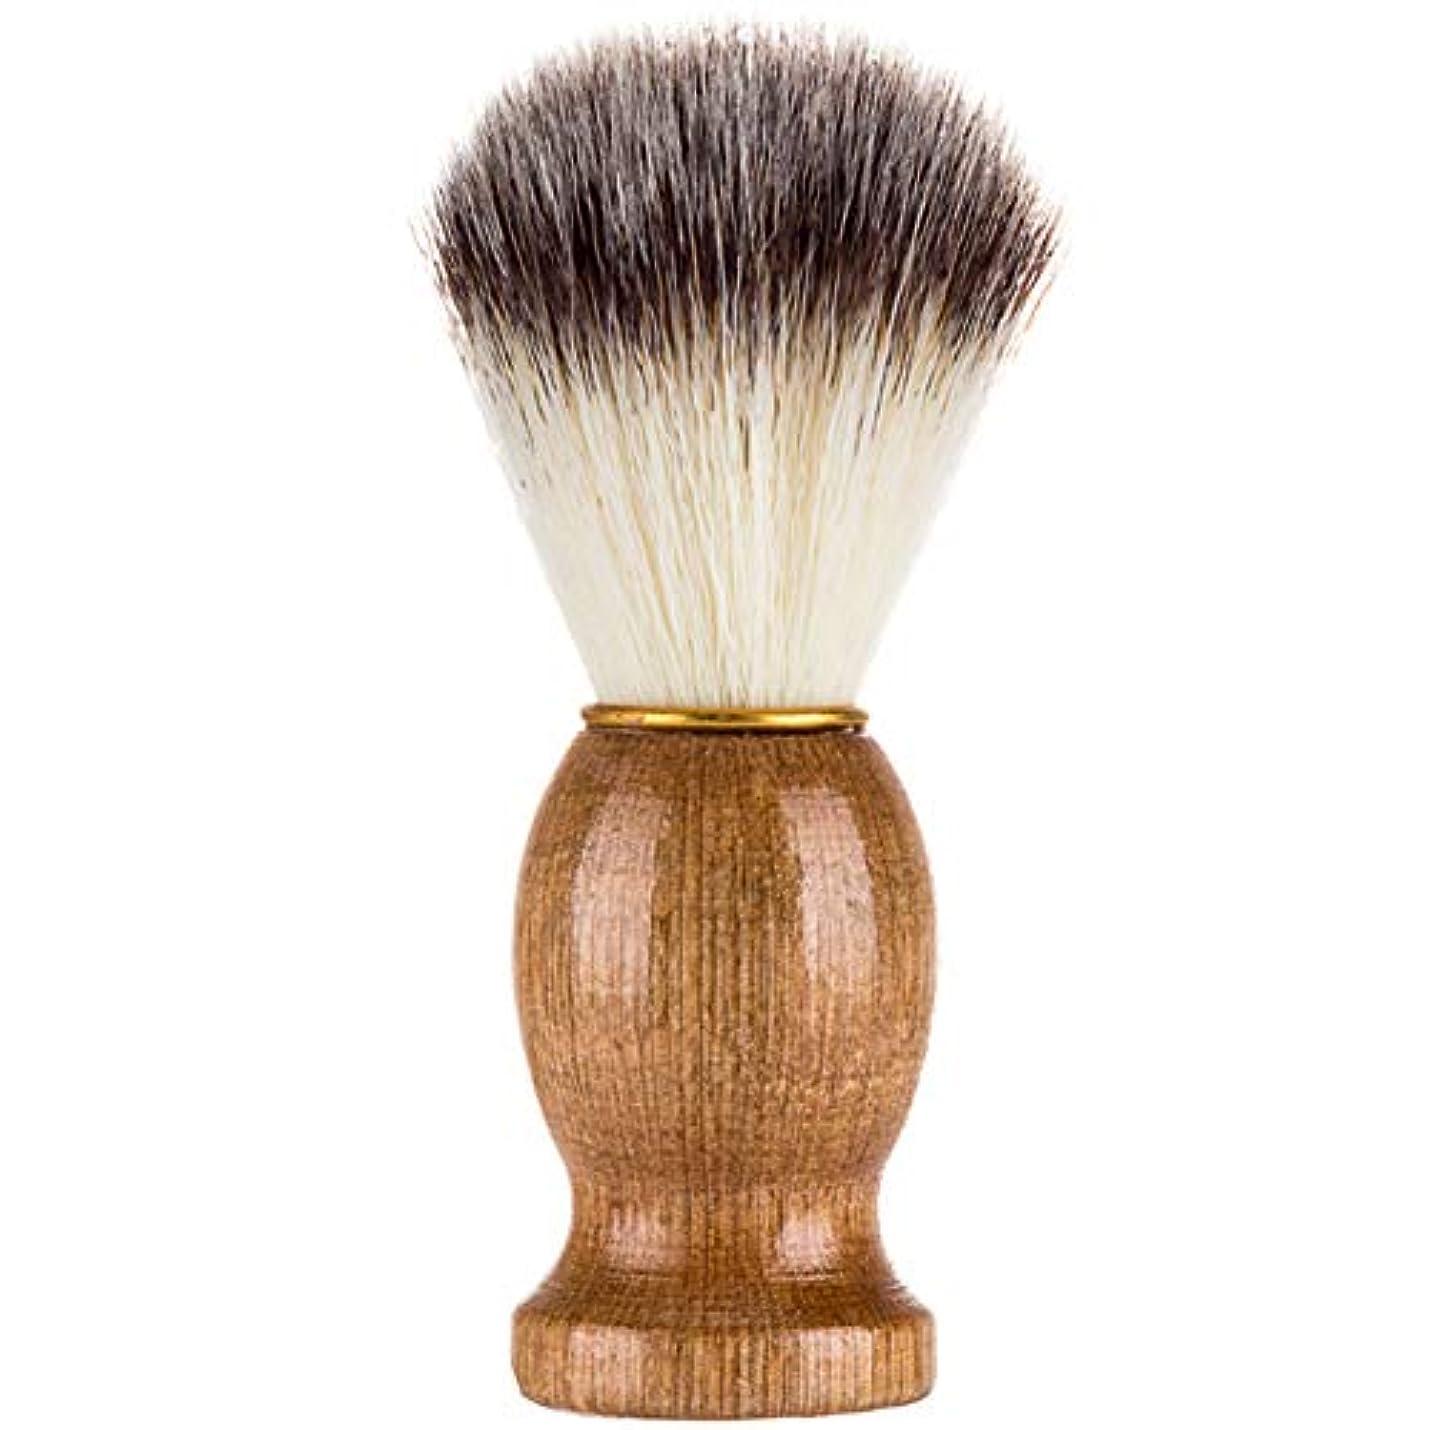 落ちたモノグラフ順応性Tenflyer シェービングブラシ、シェービングブラシ、男性シェービングブラシシェービングかみそりブラシサロン理髪店用ツールひげ剃り用品